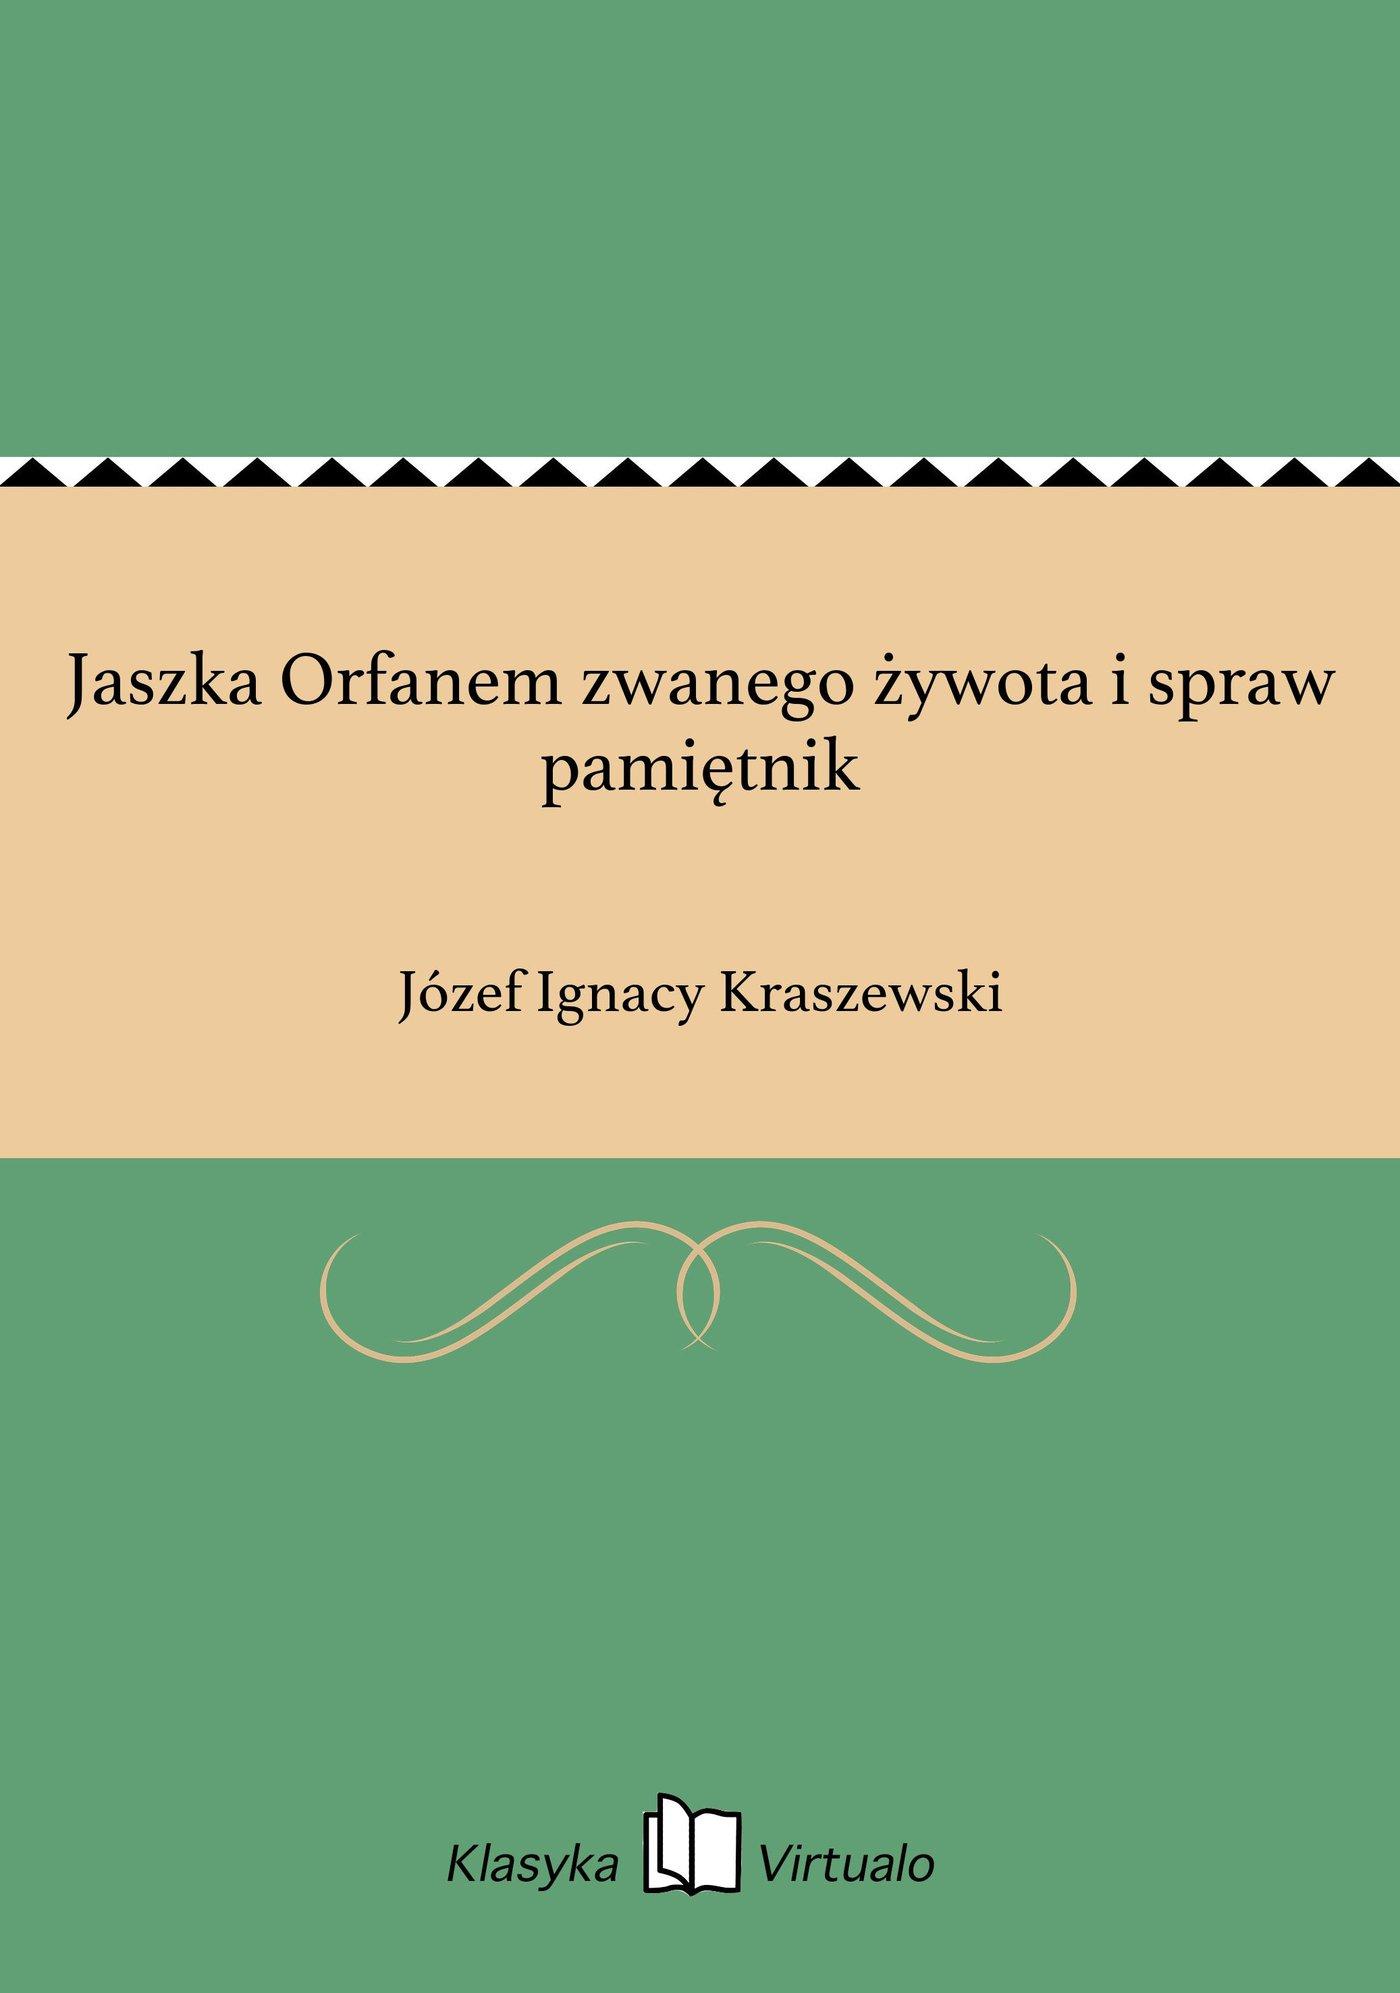 Jaszka Orfanem zwanego żywota i spraw pamiętnik - Ebook (Książka EPUB) do pobrania w formacie EPUB